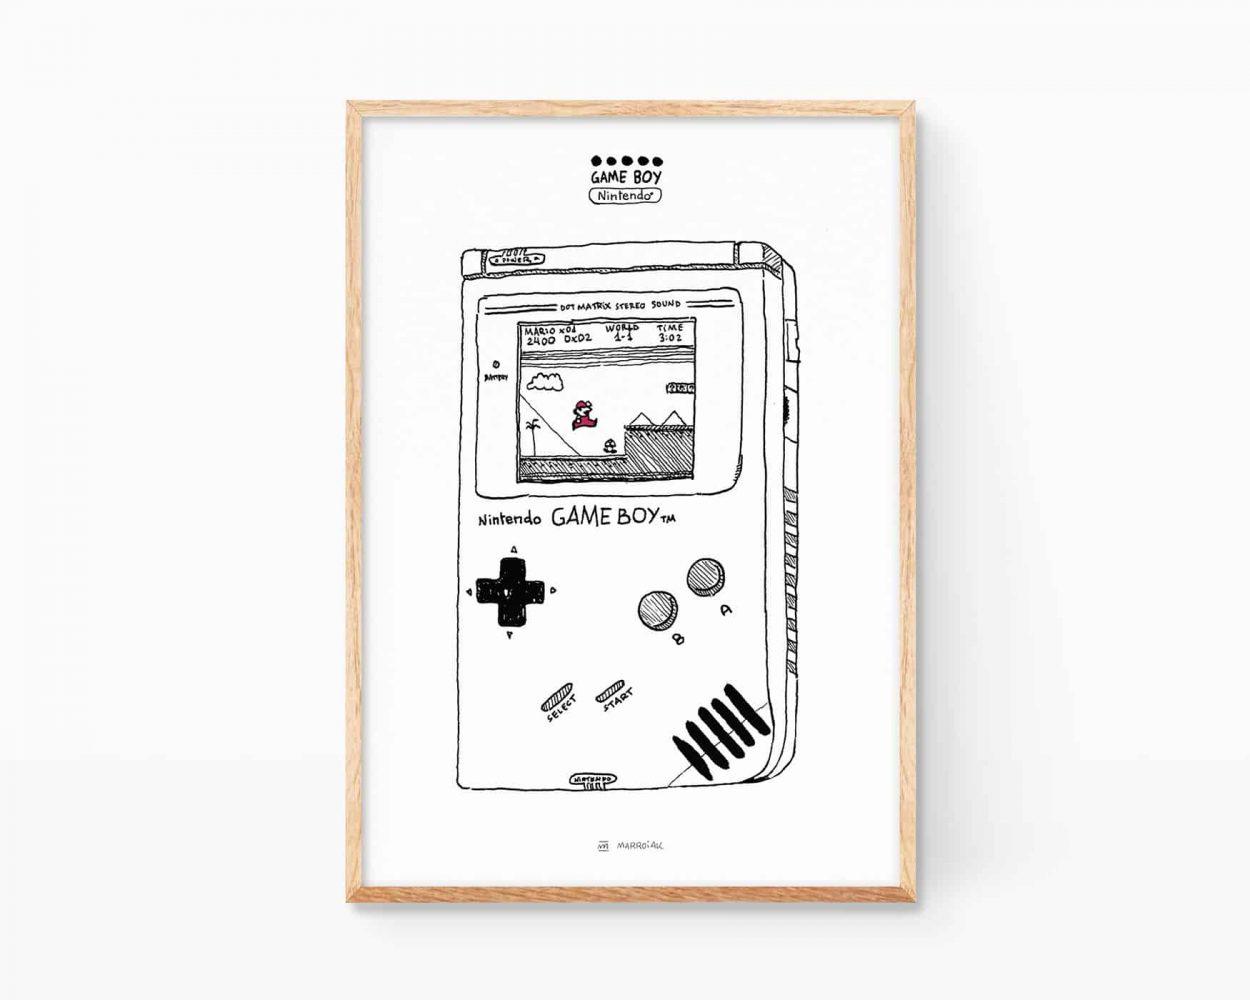 Lámina decorativa para enmarcar con un dibujo en blanco y negro de una nintendo game boy y el juego super mario bros. Cuadros de decoración de videojuegos de los años 80. Nostalgia